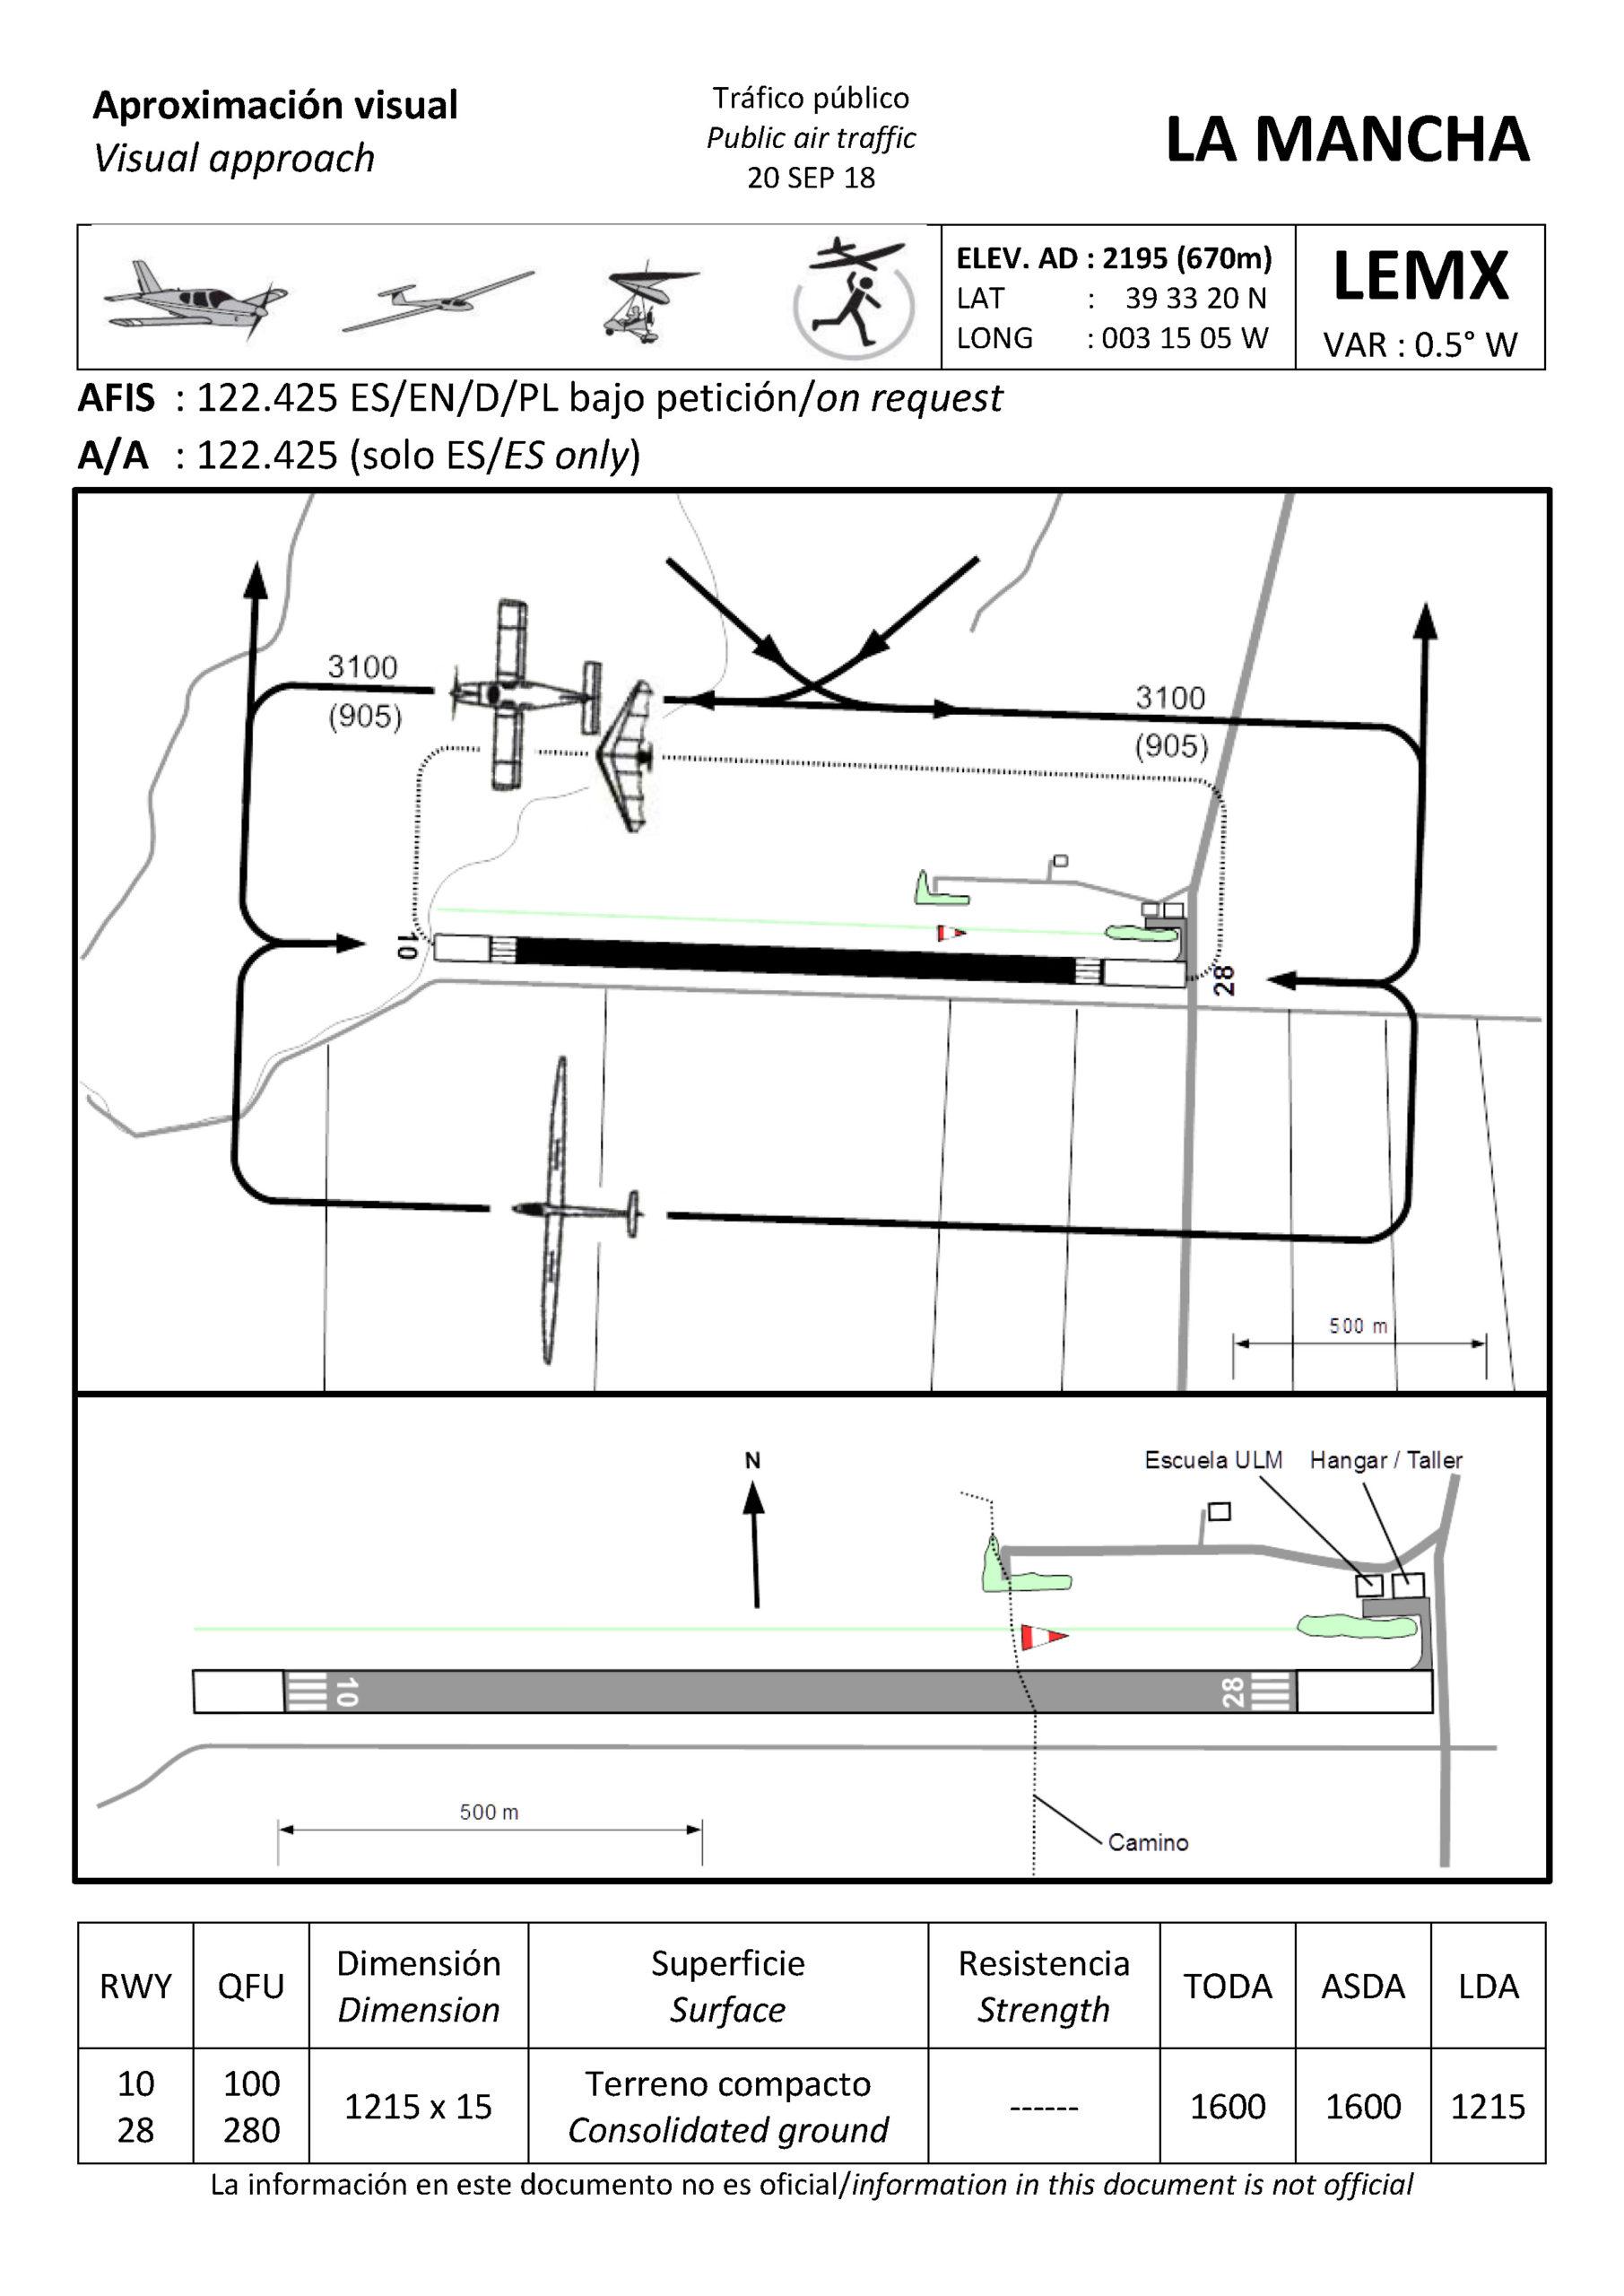 Carta de aproximación visual no oficial al aeródromo de La Mancha LEMX